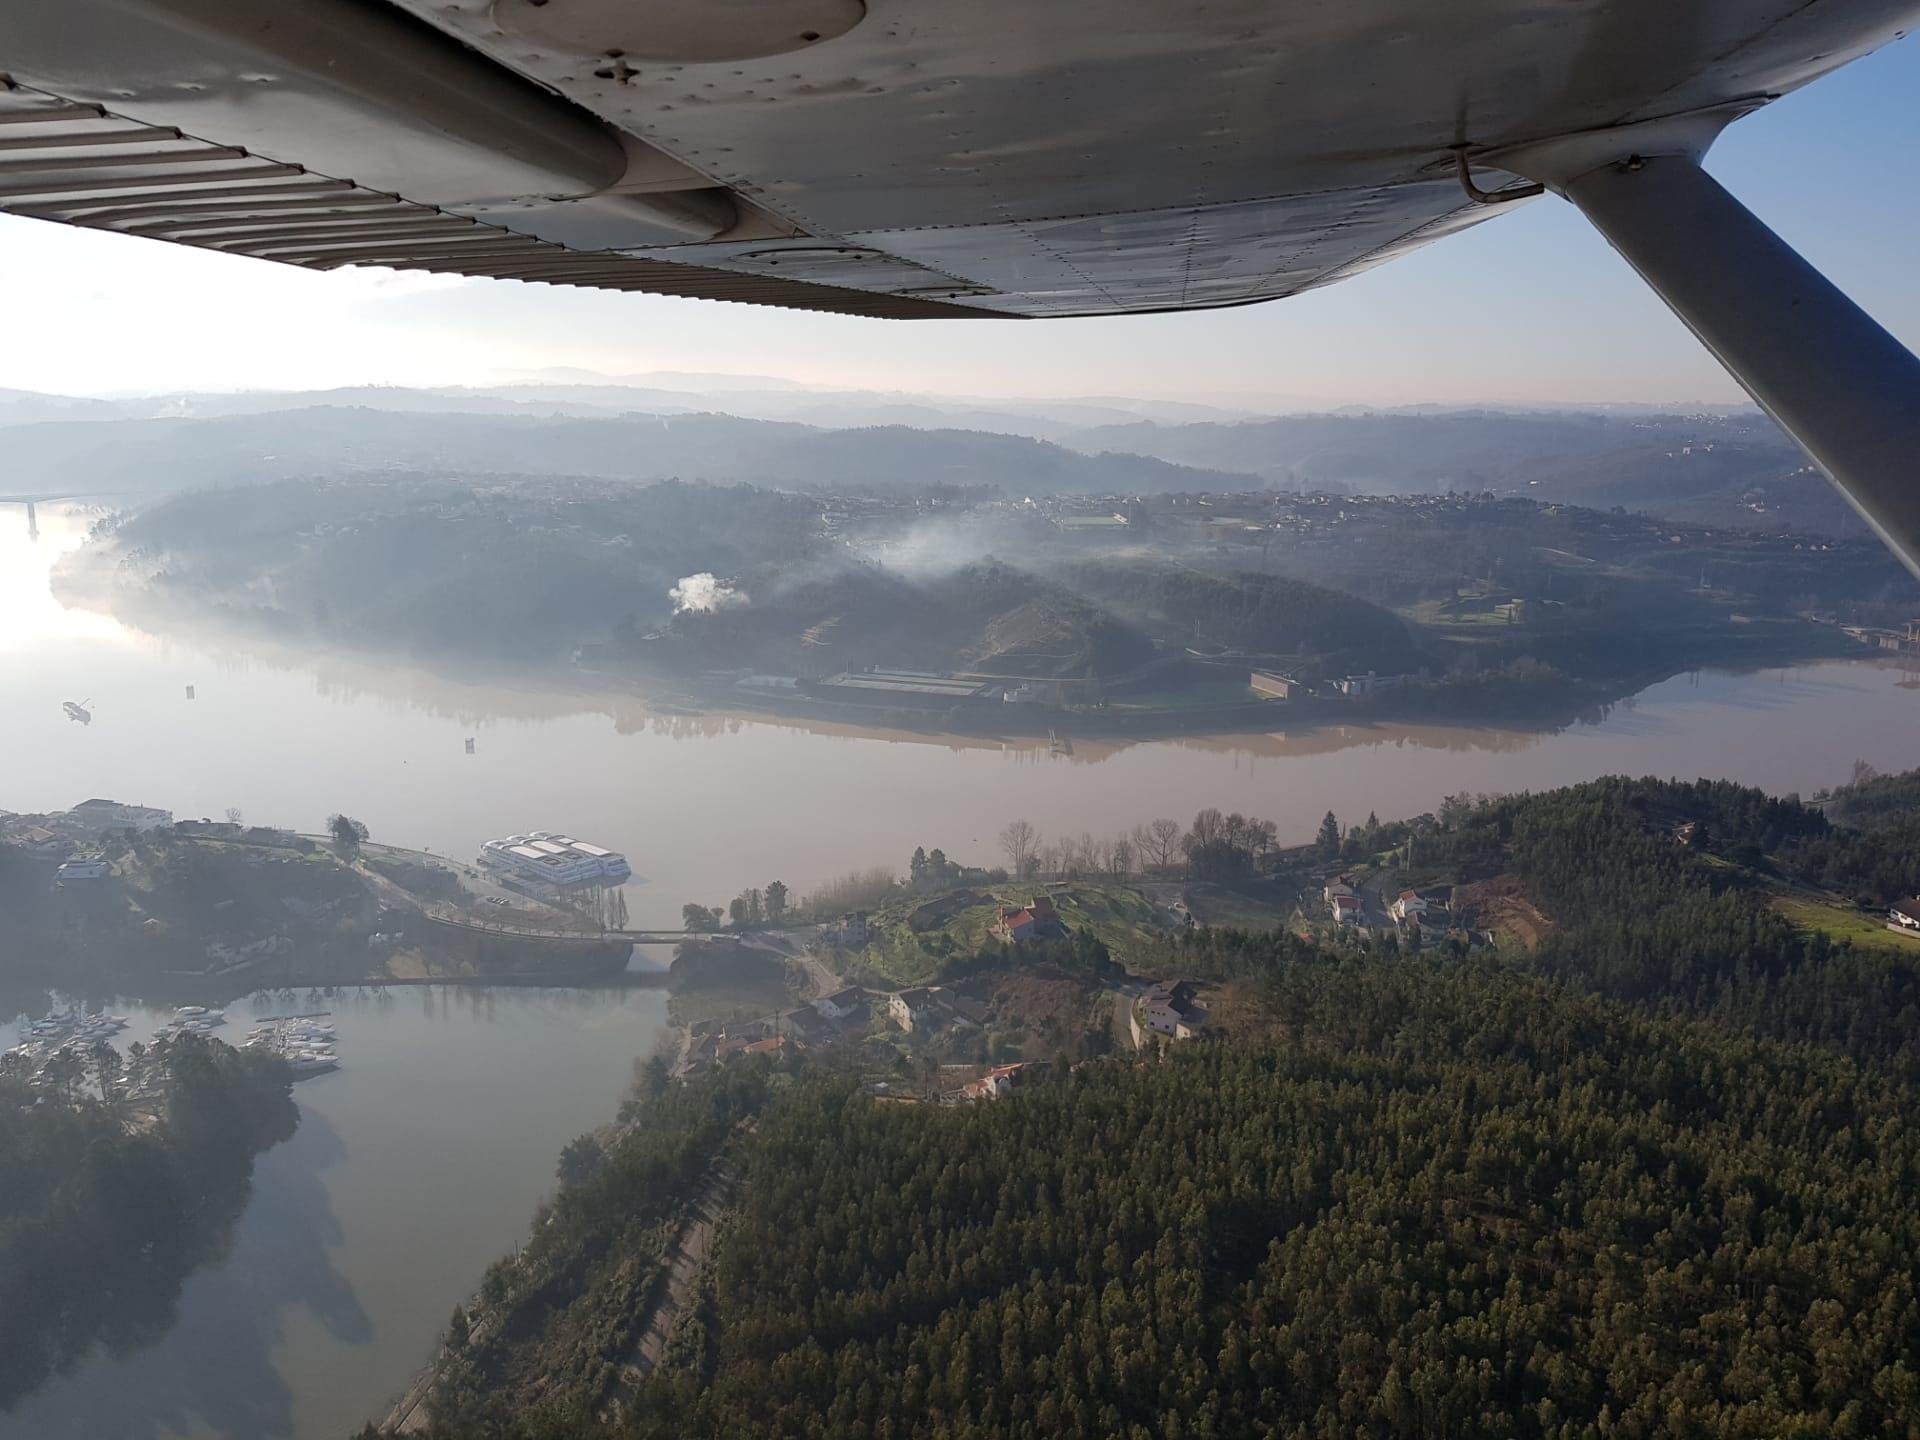 LM-Arquivo-Douro-Paiva-Foto-Aerea-ETA-Lever-076